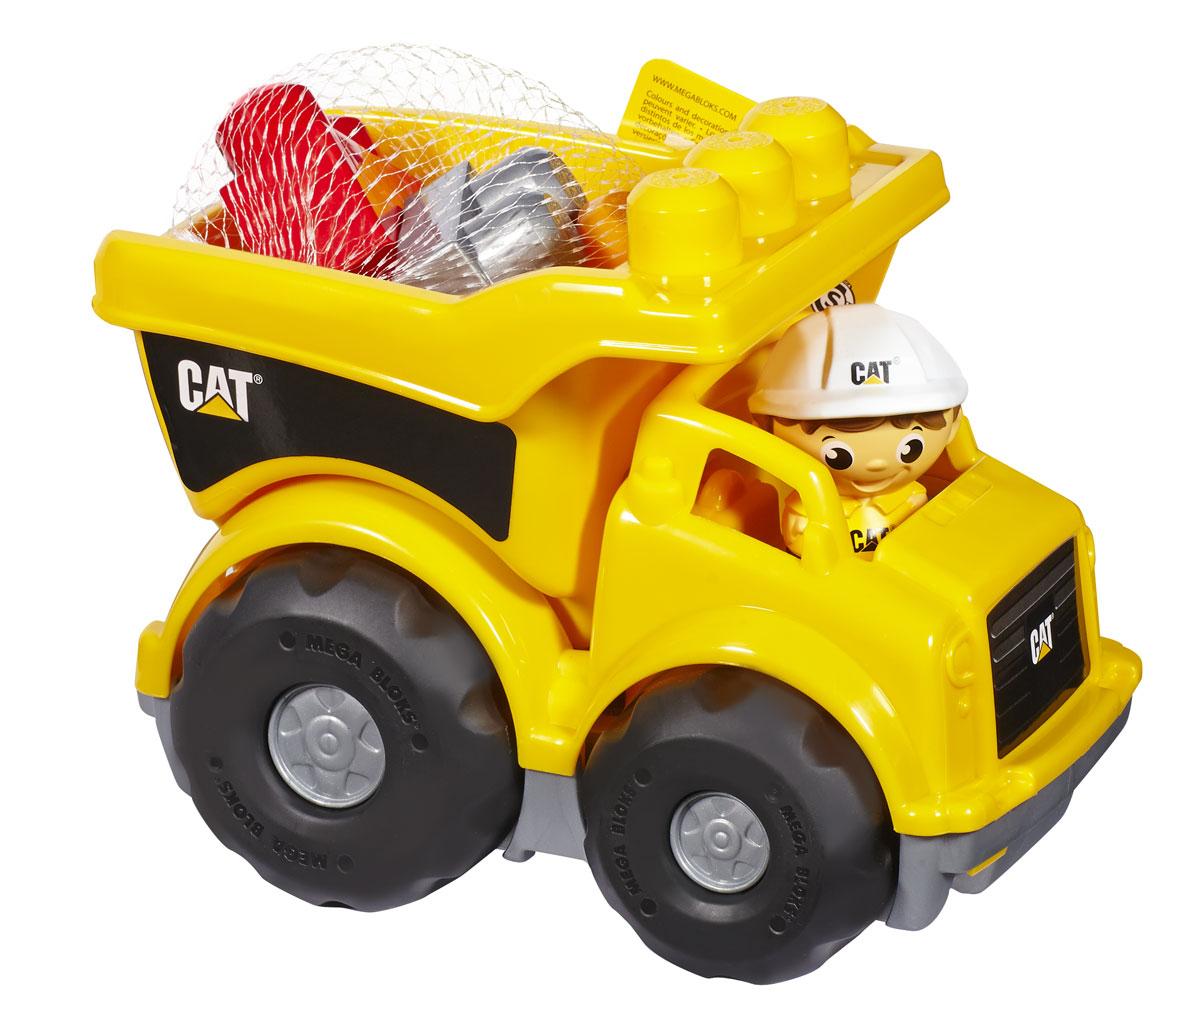 Mega Bloks First Builders Конструктор Самосвал КатерпилларCND88Осторожно! Маленький самосвал Катерпиллар от Mega Bloks вот-вот высыпает гравий из кузова на строительную площадку! Крепкие колеса и кузов этого ярко-желтого грузовика гарантируют много часов веселой езды и возни на стройке. Самосвал имеет просторный опрокидывающийся кузов, что позволяет легко разгружать перевозимые блоки! Реалистичная машинка делает практически то же, что и настоящий самосвал. Самосвал Катерпиллар от Mega Bloks отлично подходит для маленьких строителей с большими планами. Идеальная игрушка для детей в возрасте от 1 до 5 лет. В комплект с машиной входит фигурка рабочего и 6 блоков. Набор совместим с другими наборами серии First Builders. Ваш ребенок часами будет играть с набором, придумывая разные истории.